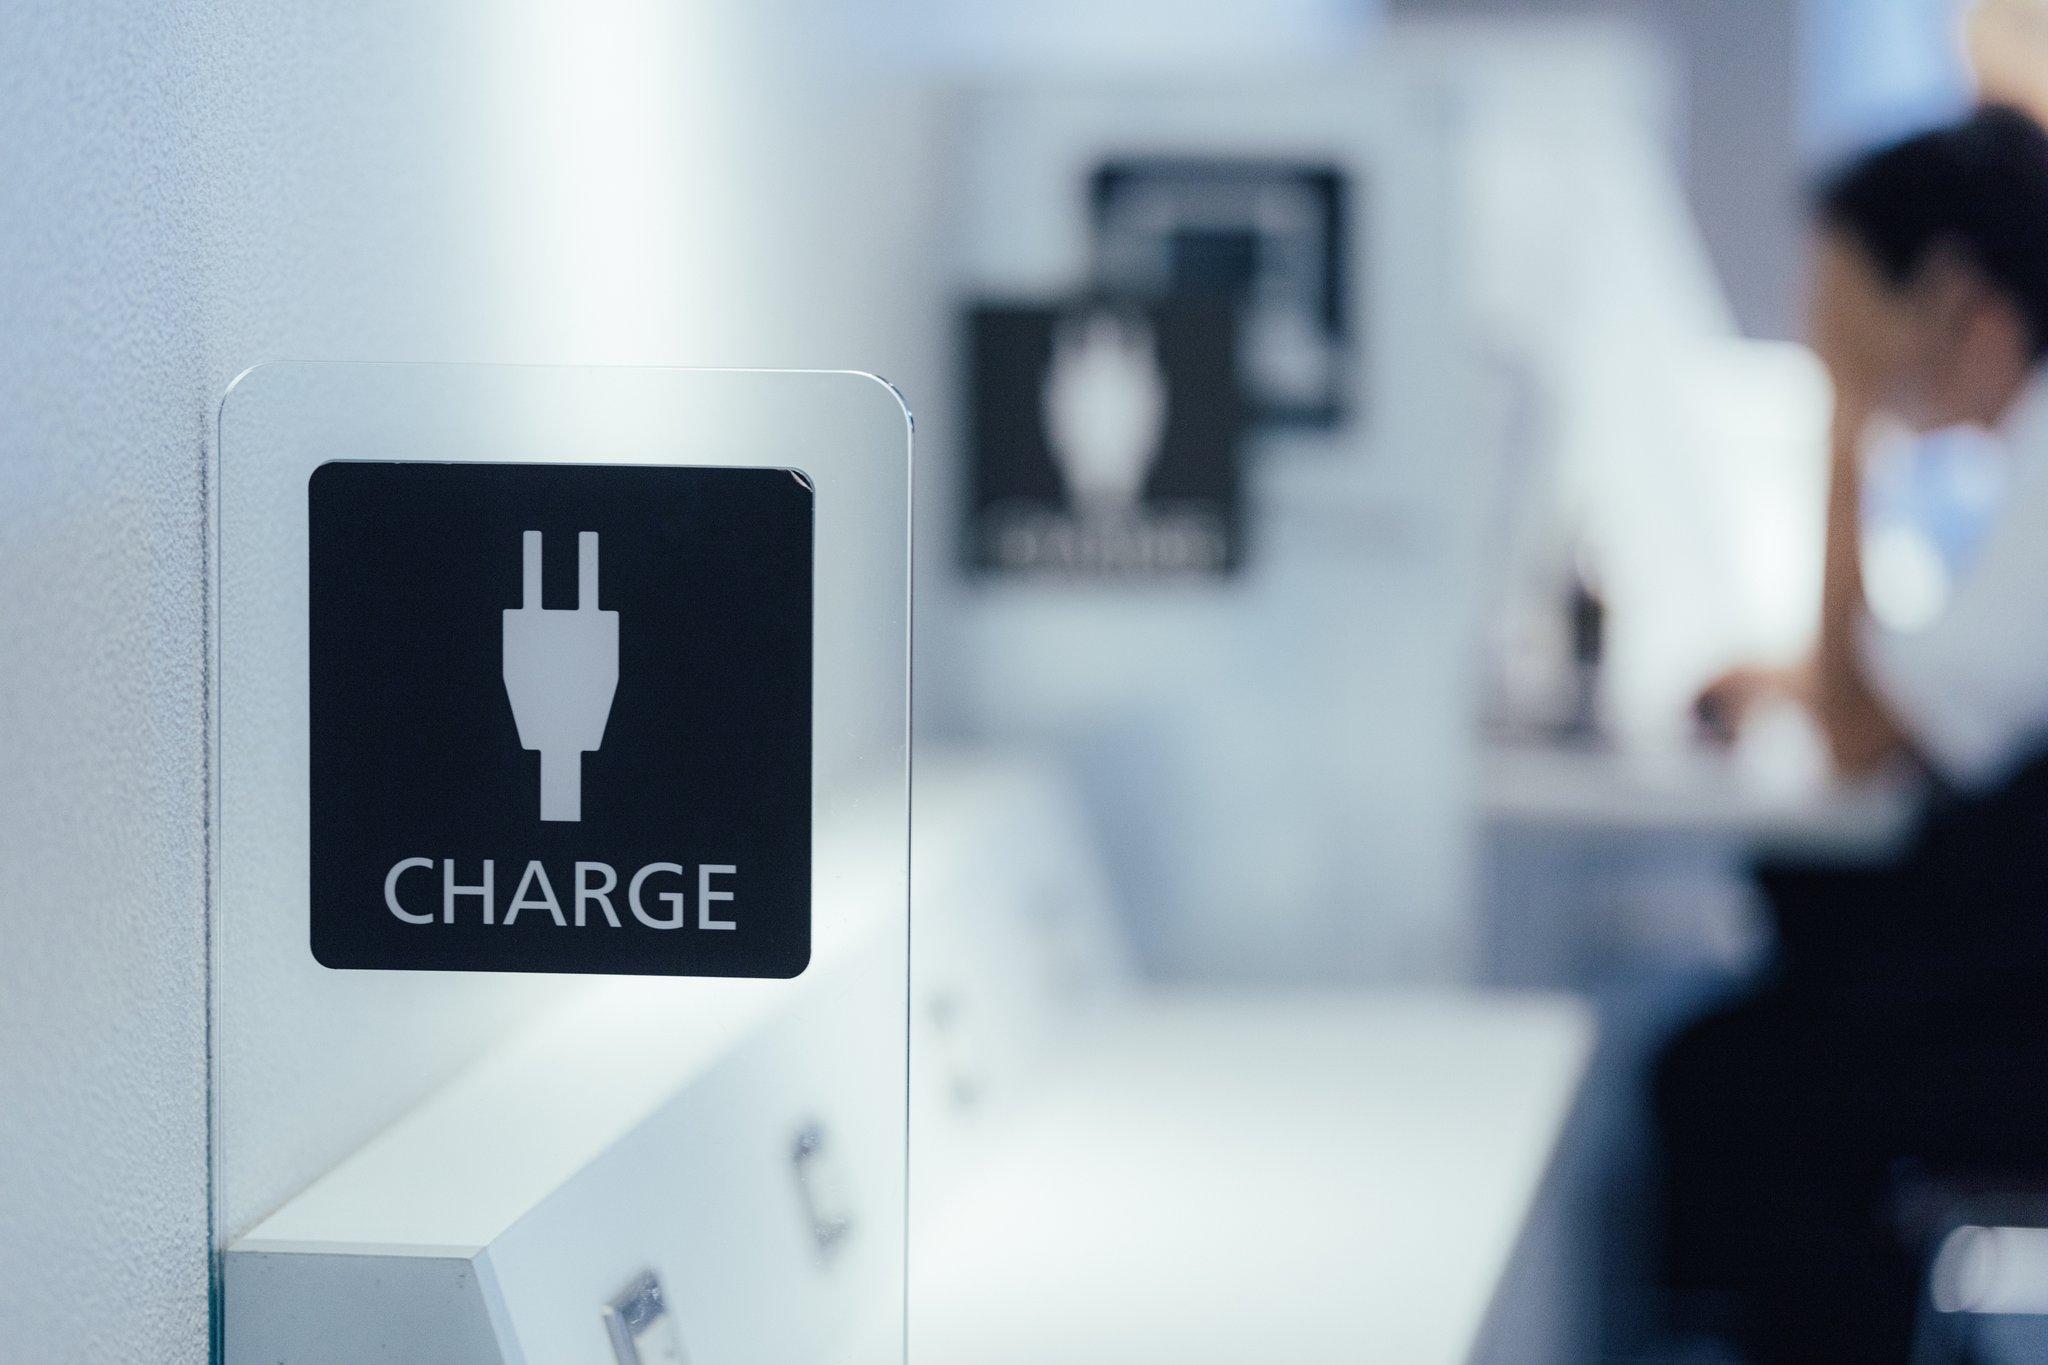 バッテリーの減りが早い? スマホのバッテリーを長持ちさせる方法 【2020年最新】